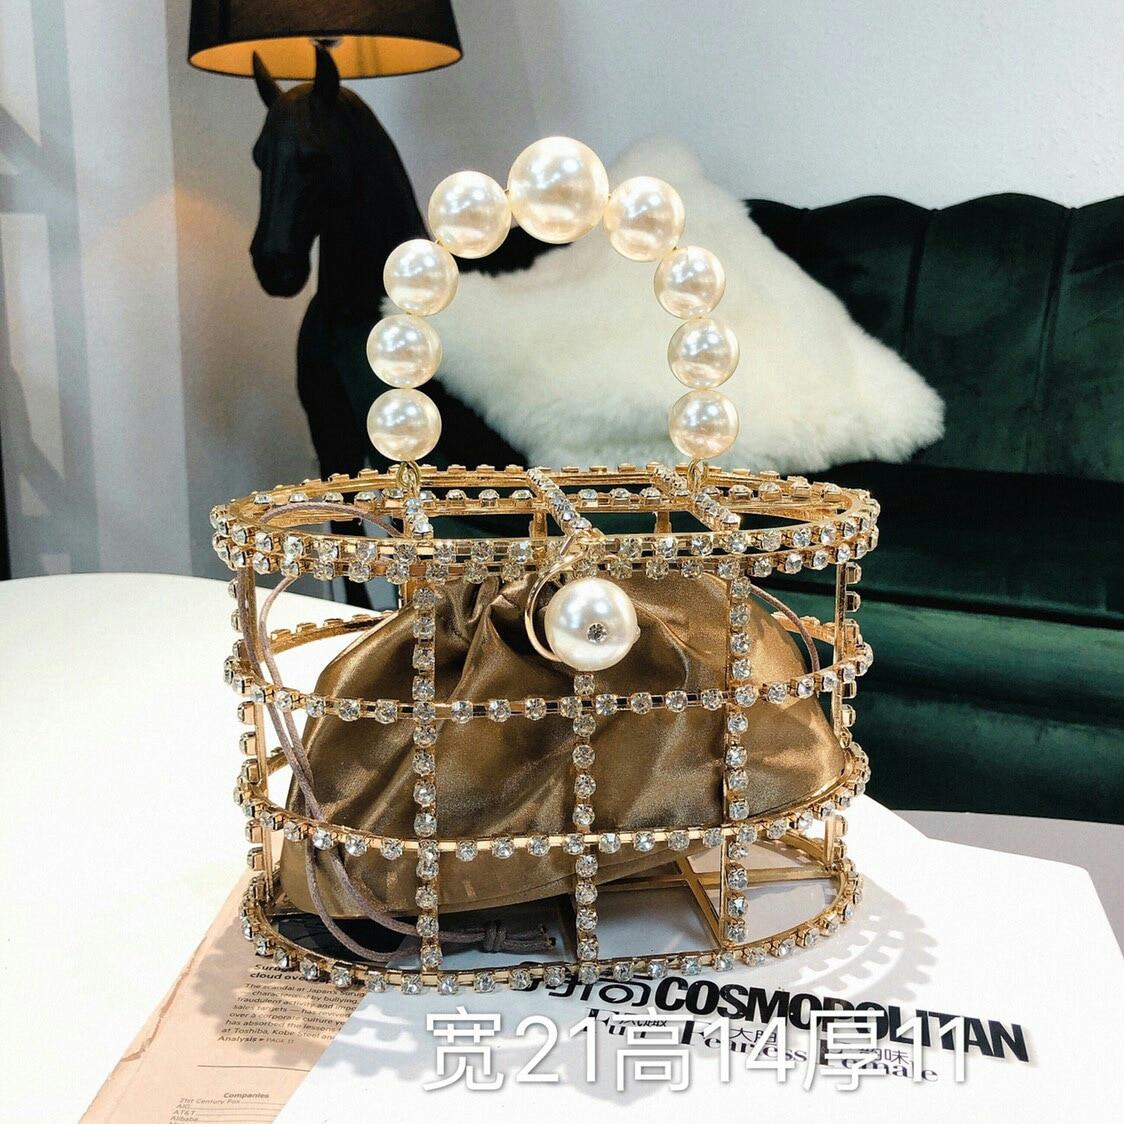 Été 2019 nouveau femmes sac corée perle sac strass sac à main panier cage à oiseaux dîner sac embrayage sacs à main de luxe Designer sac